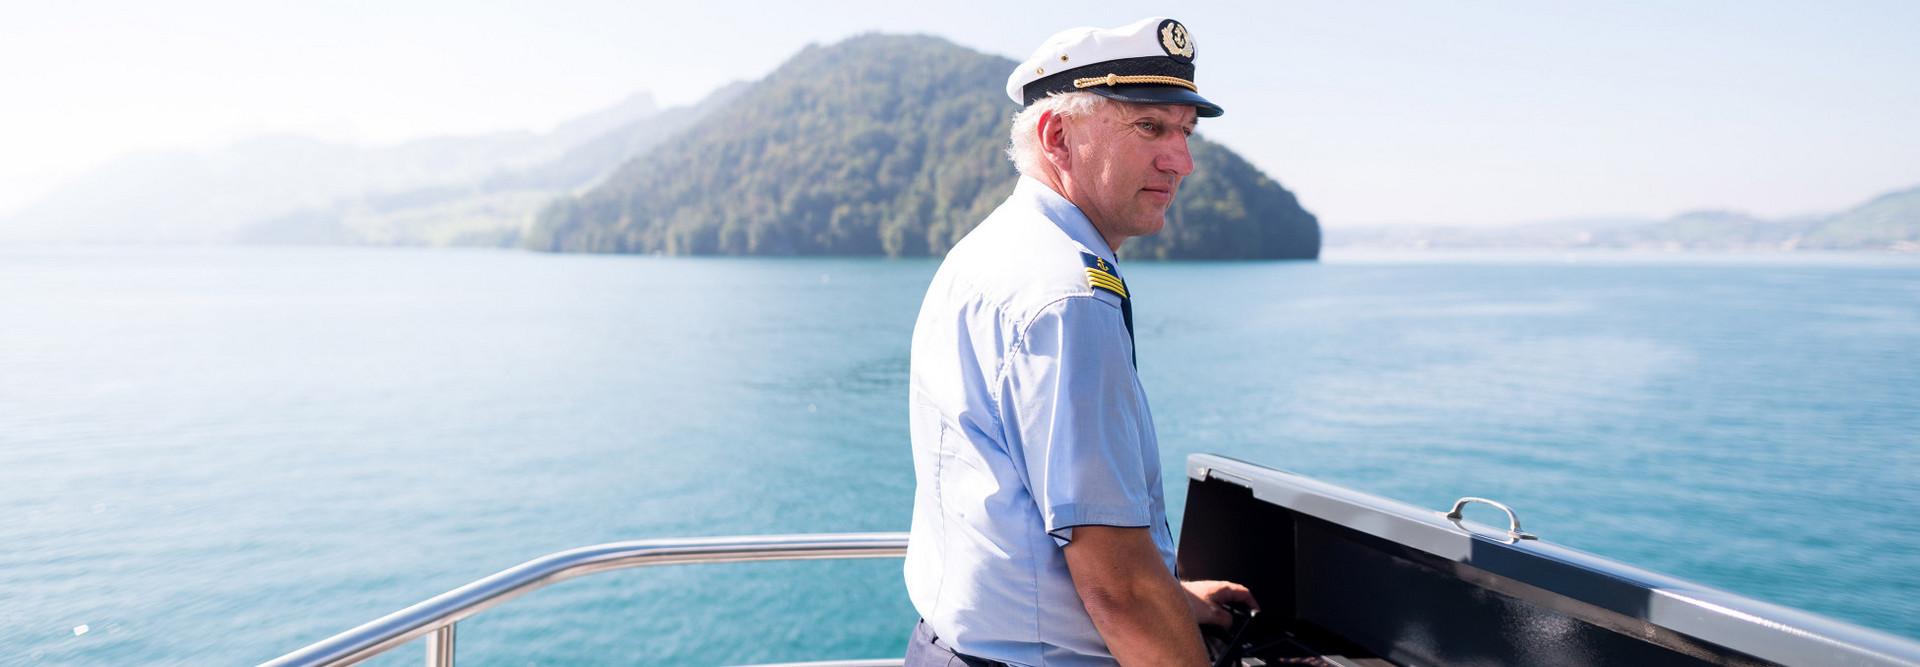 Der Chefkapitän der SGV steuert das Motorschiff über den Vierwaldstättersee.